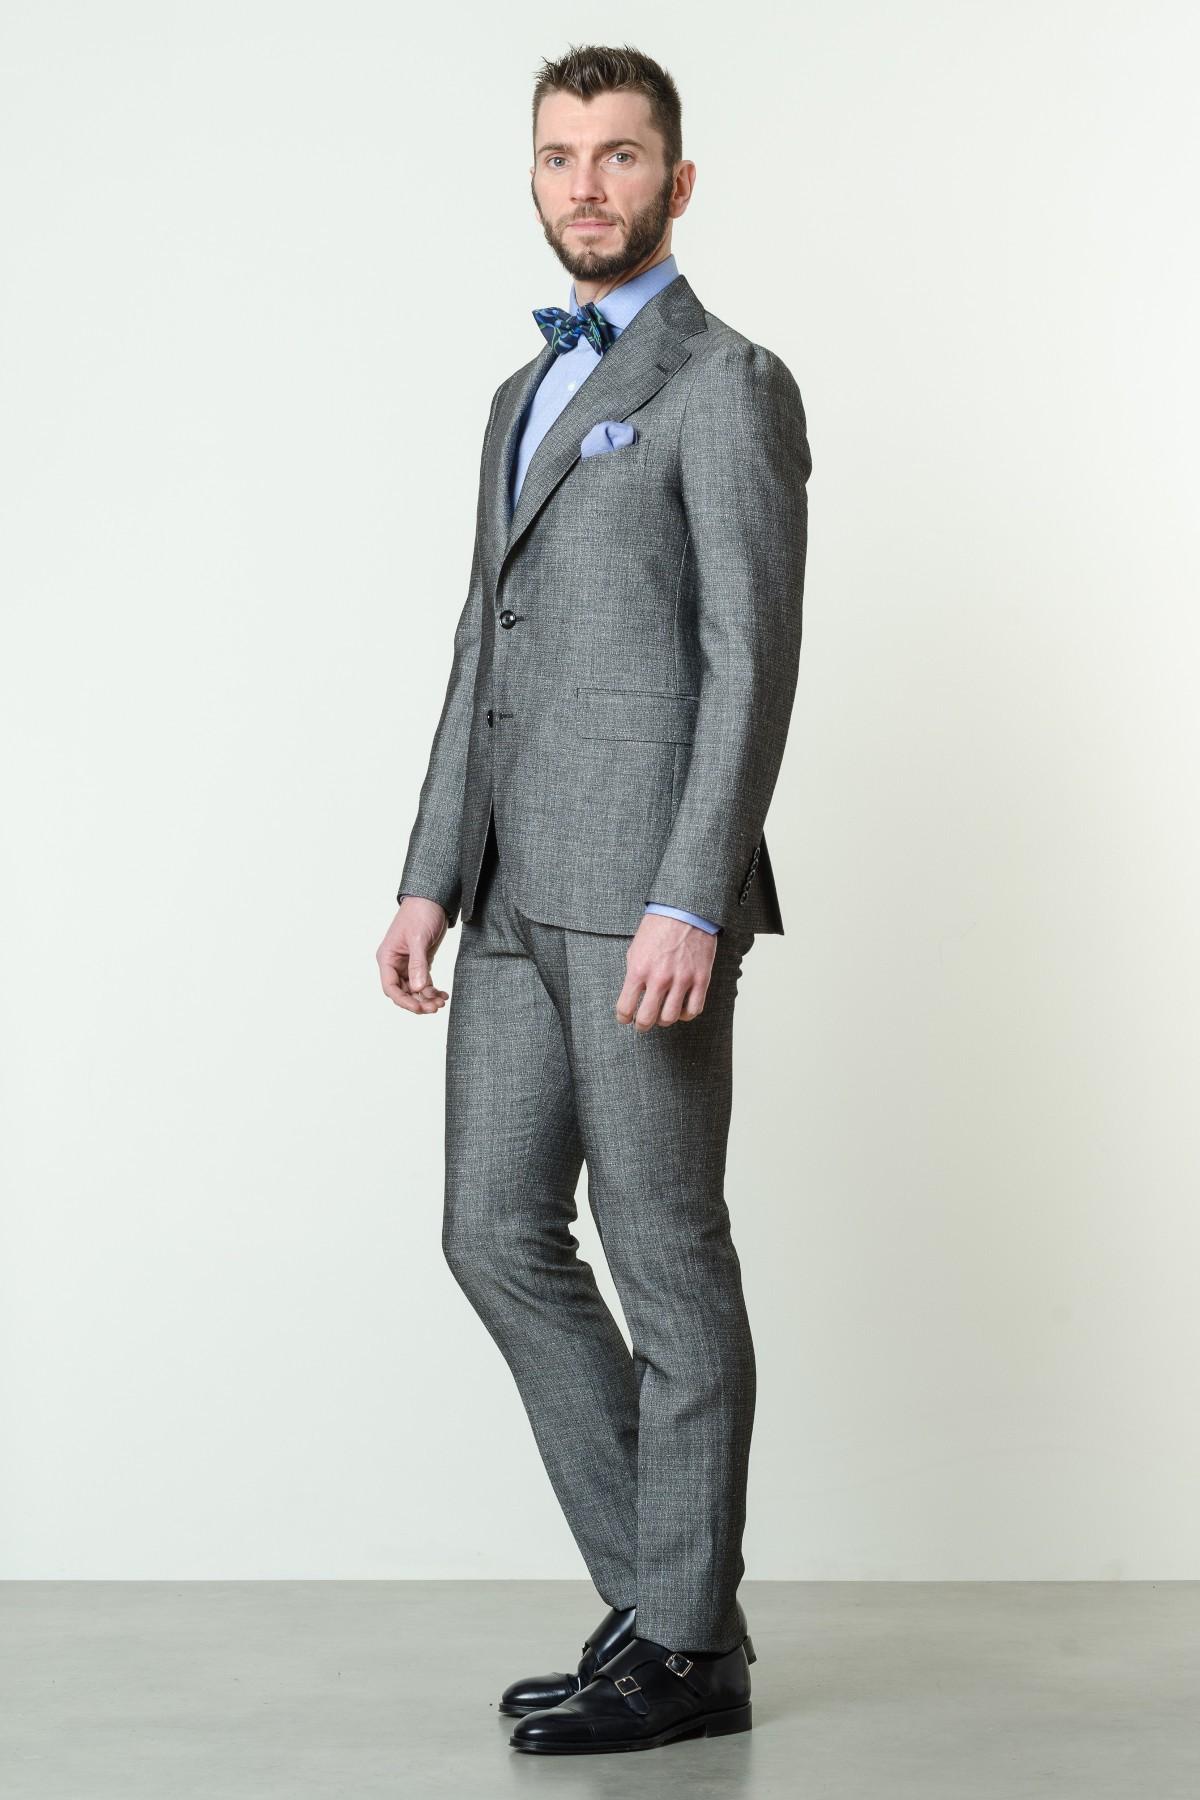 outlet giacche estive e primaverili uomo online store - Rione Fontana 01c0477a233f